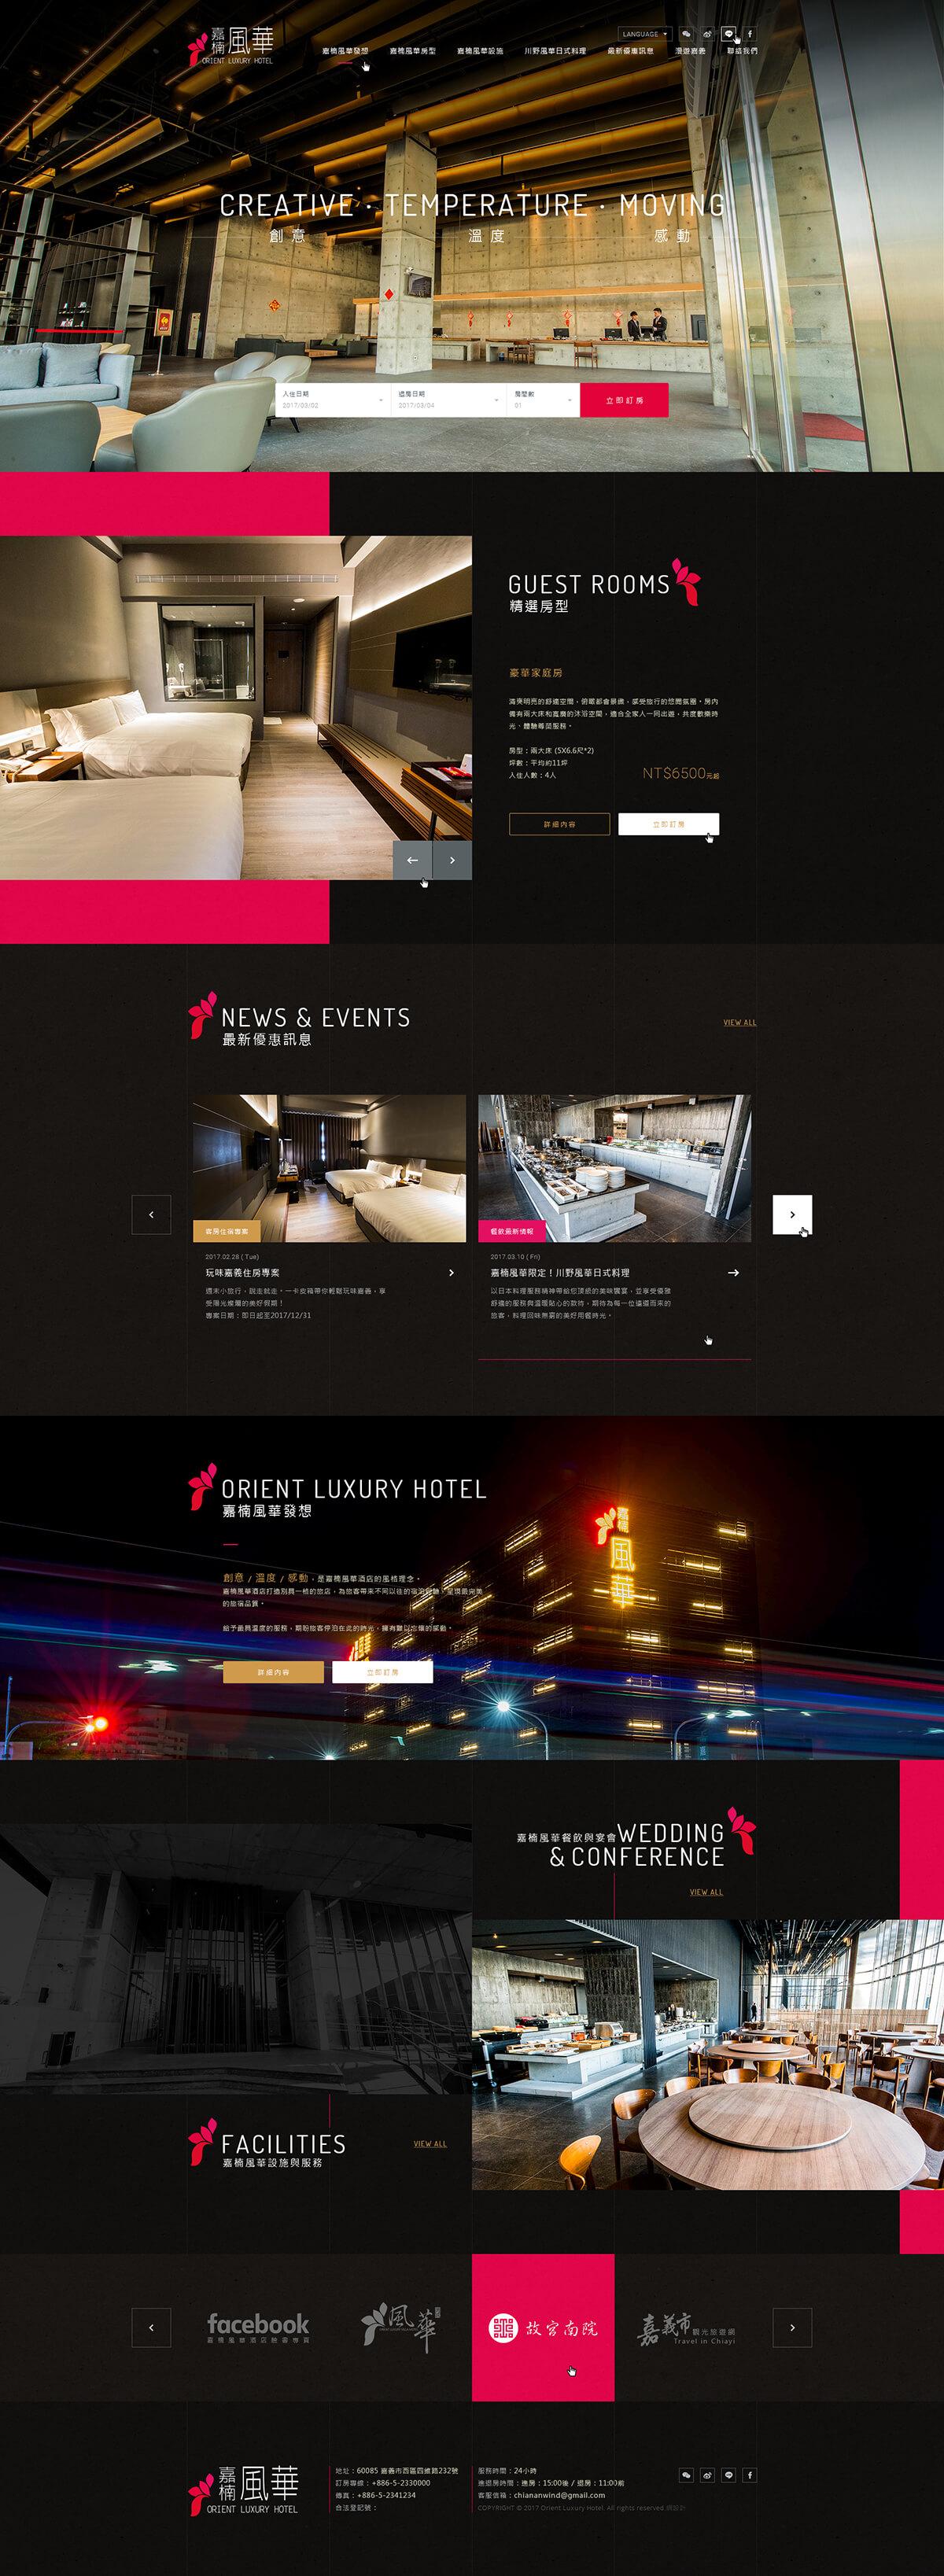 嘉楠風華酒店-網頁設計